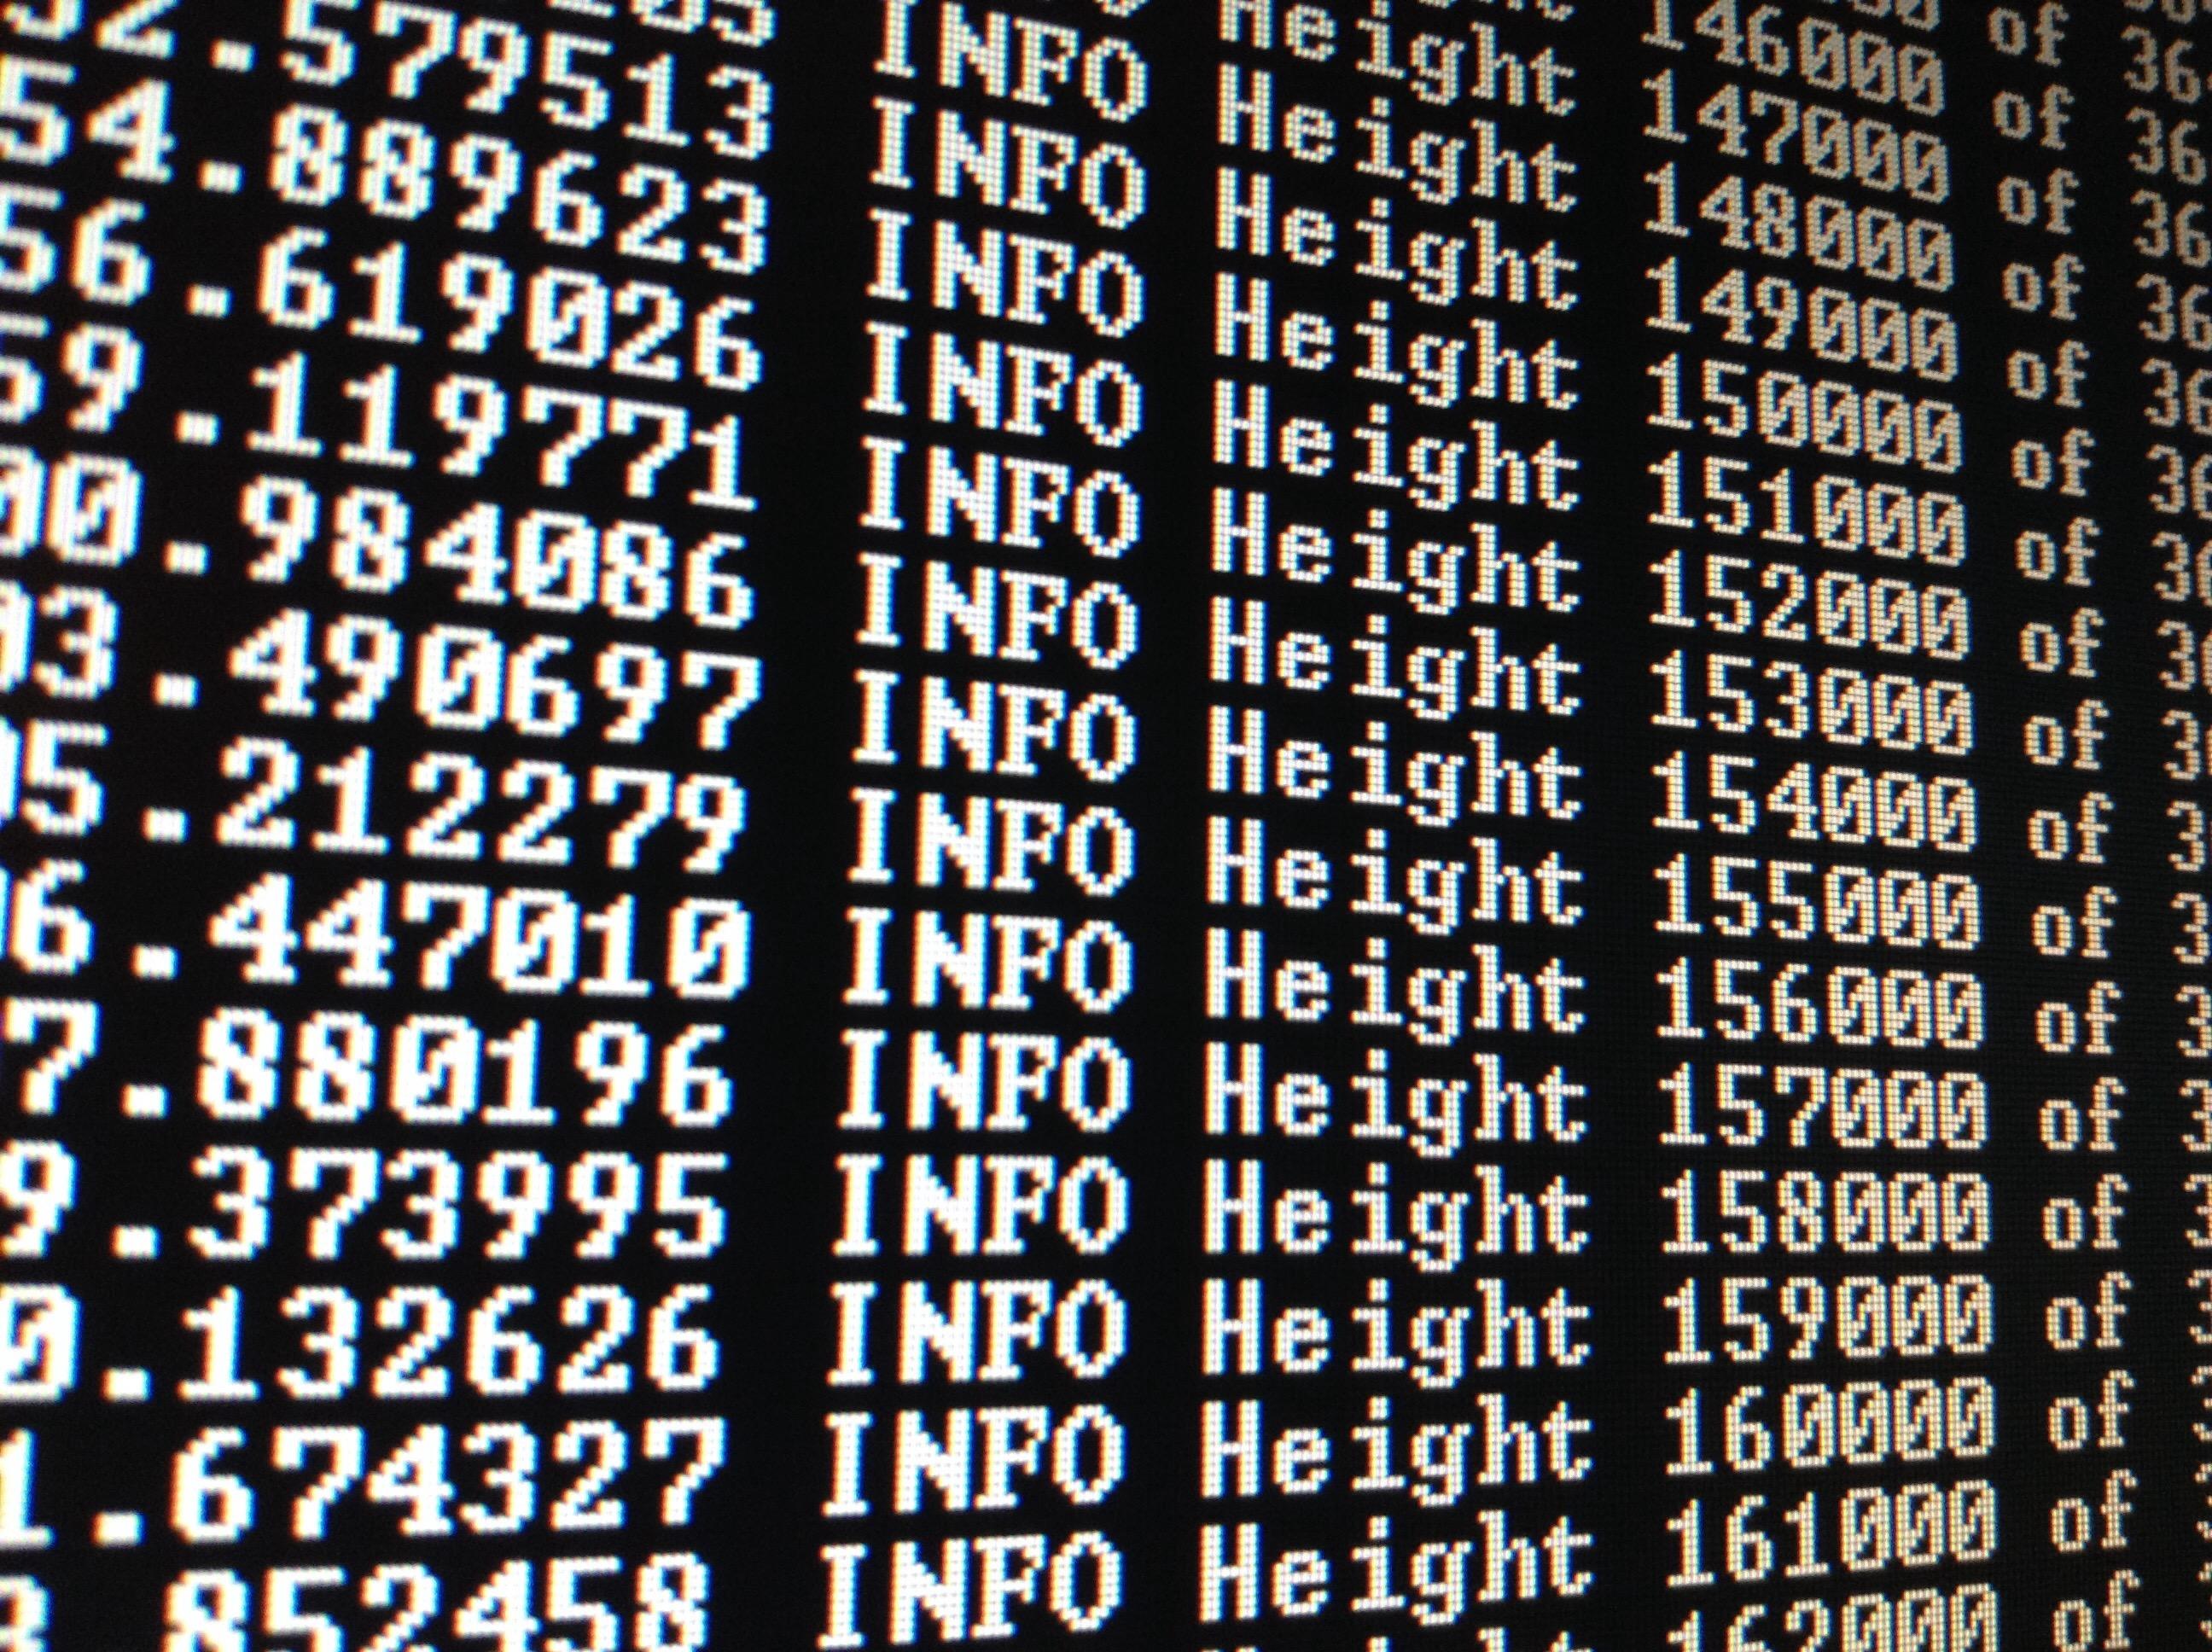 A blockchain főkönyve bármit képes tárolni (Fotó: Wikimedia Commons)